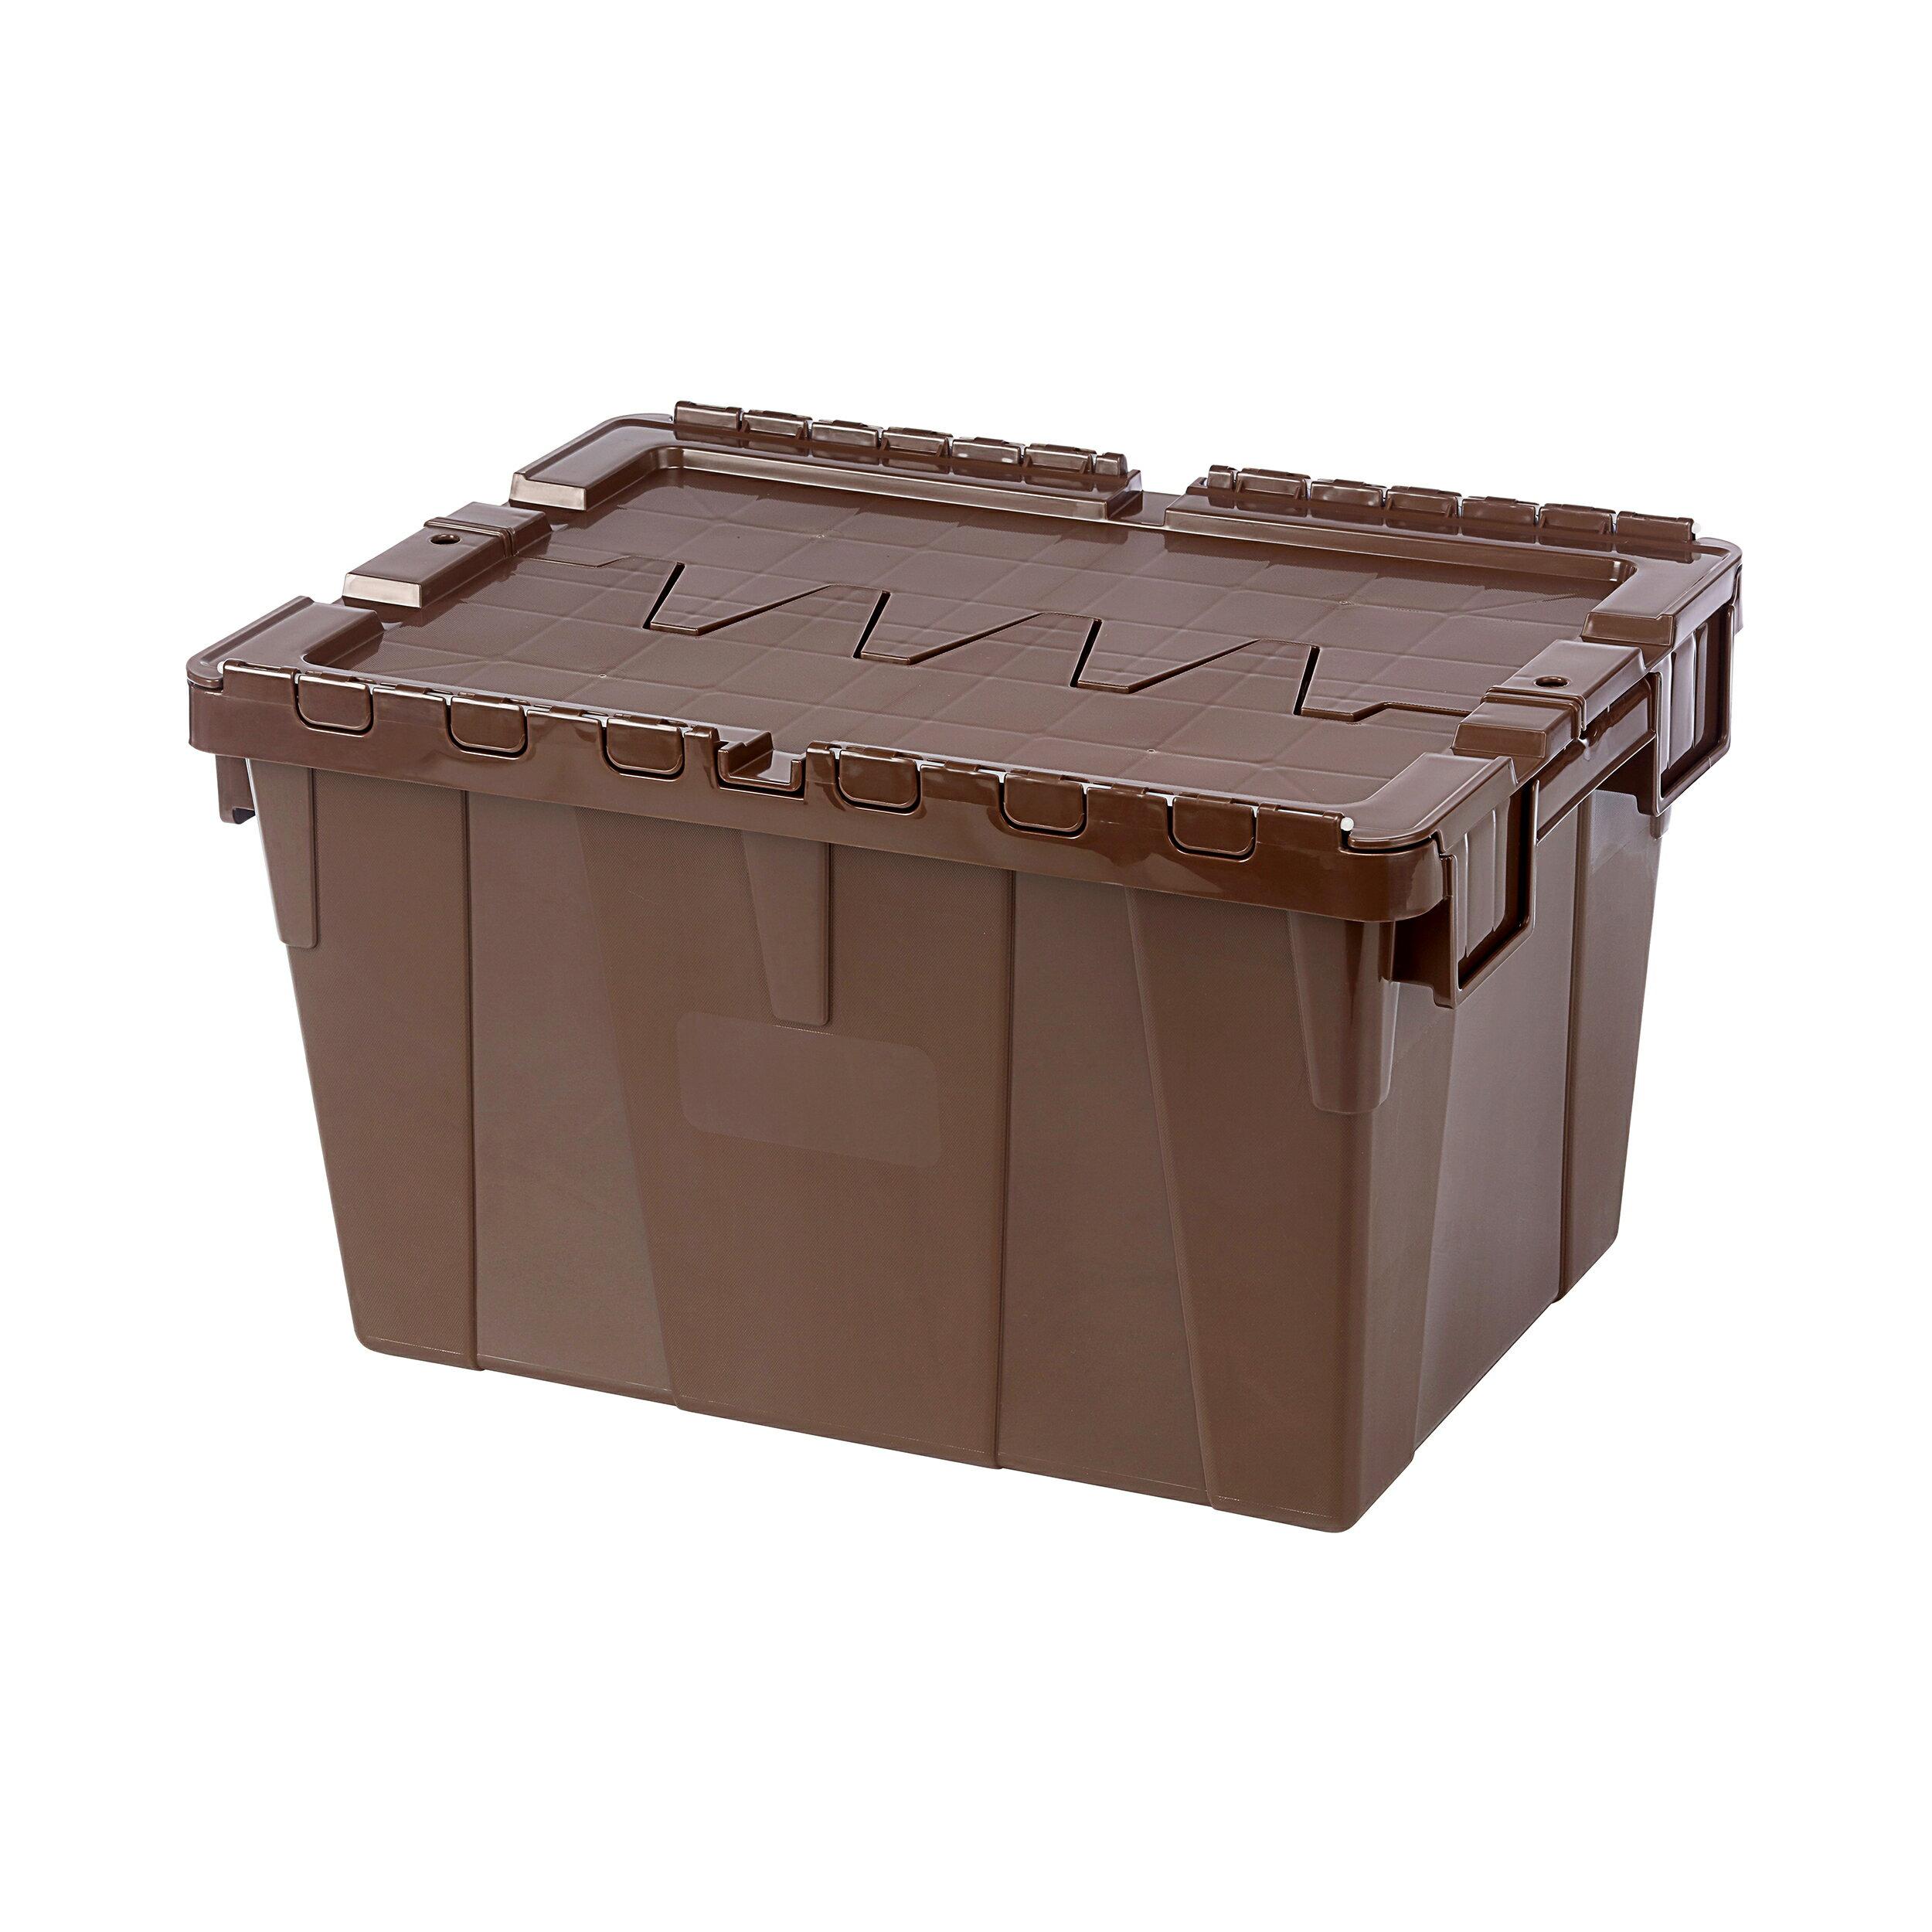 搬運物流箱/分類高手/MIT台灣製造 KEYWAY 3號物流箱(咖啡) BL50-2  KEYWAY聯府